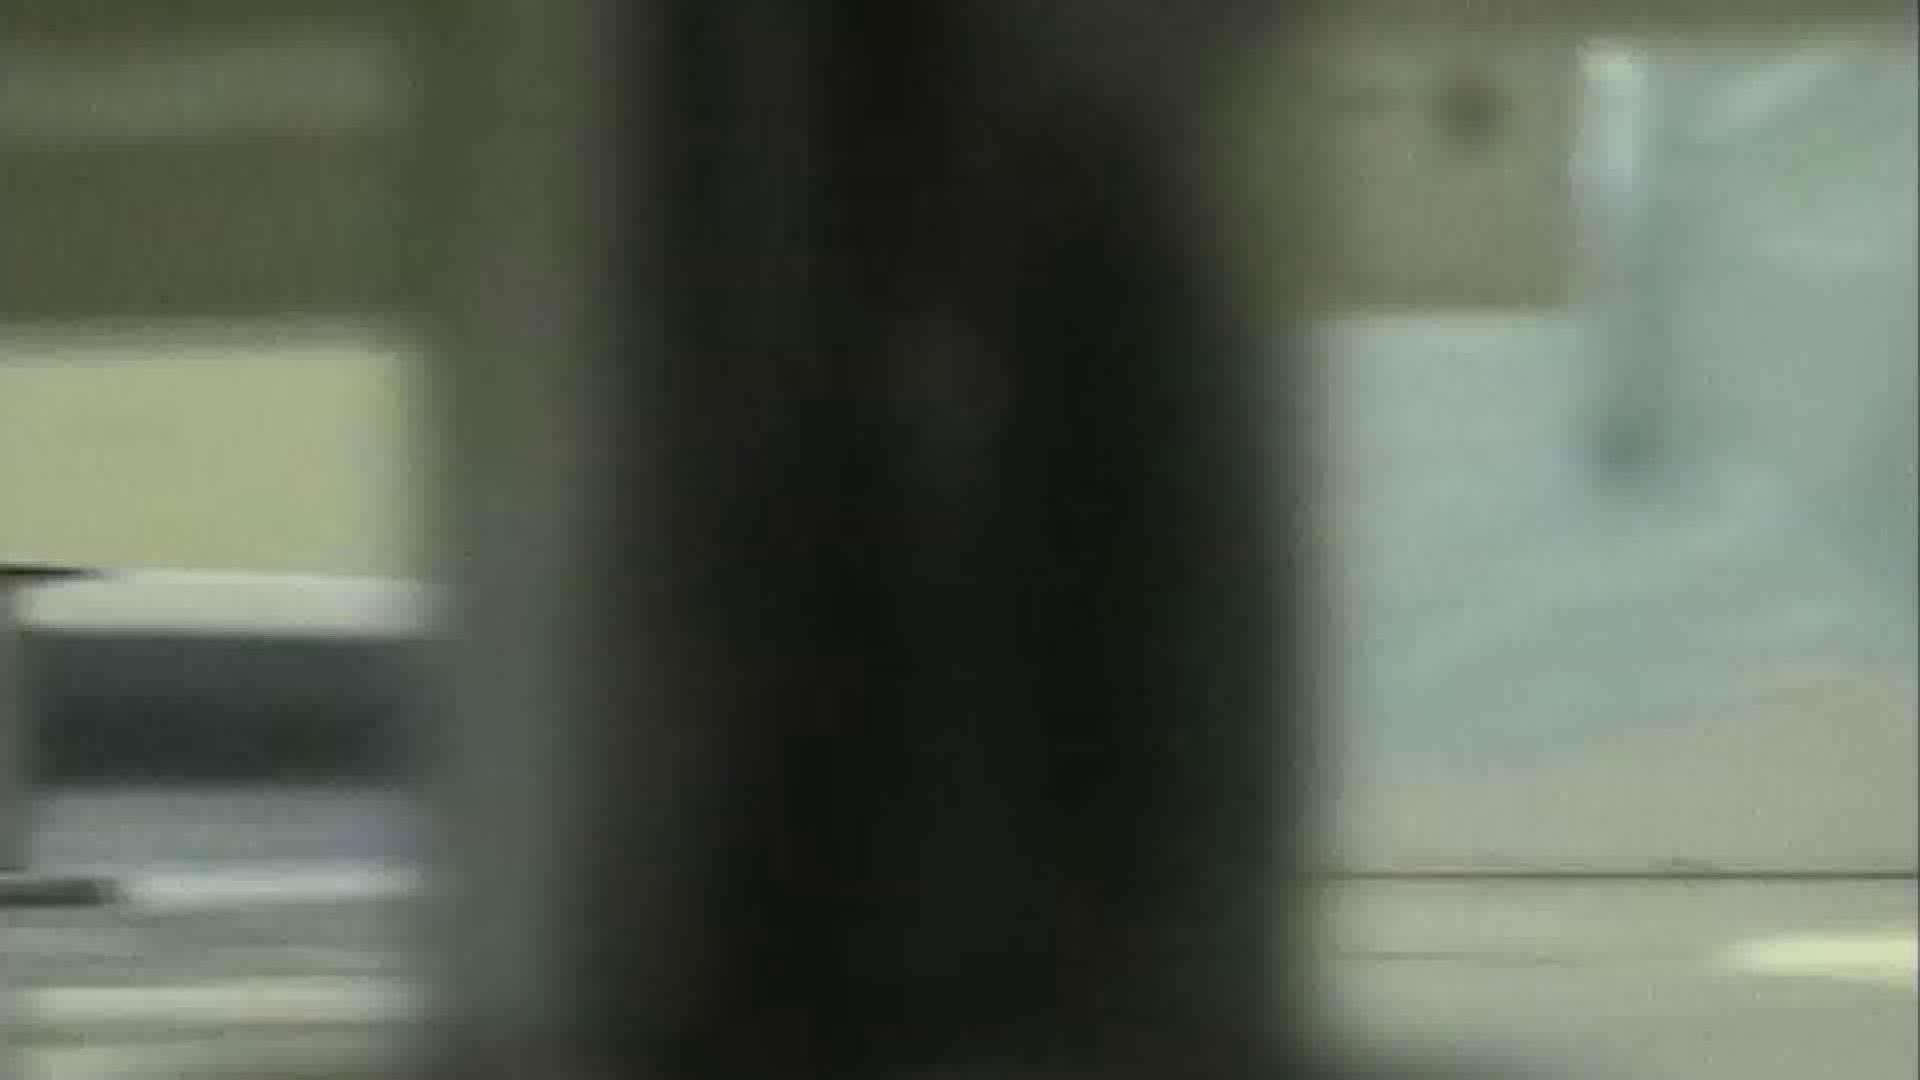 キレカワ女子大生の秘密の洗面所!Vol.010 洗面所はめどり オマンコ動画キャプチャ 102画像 99